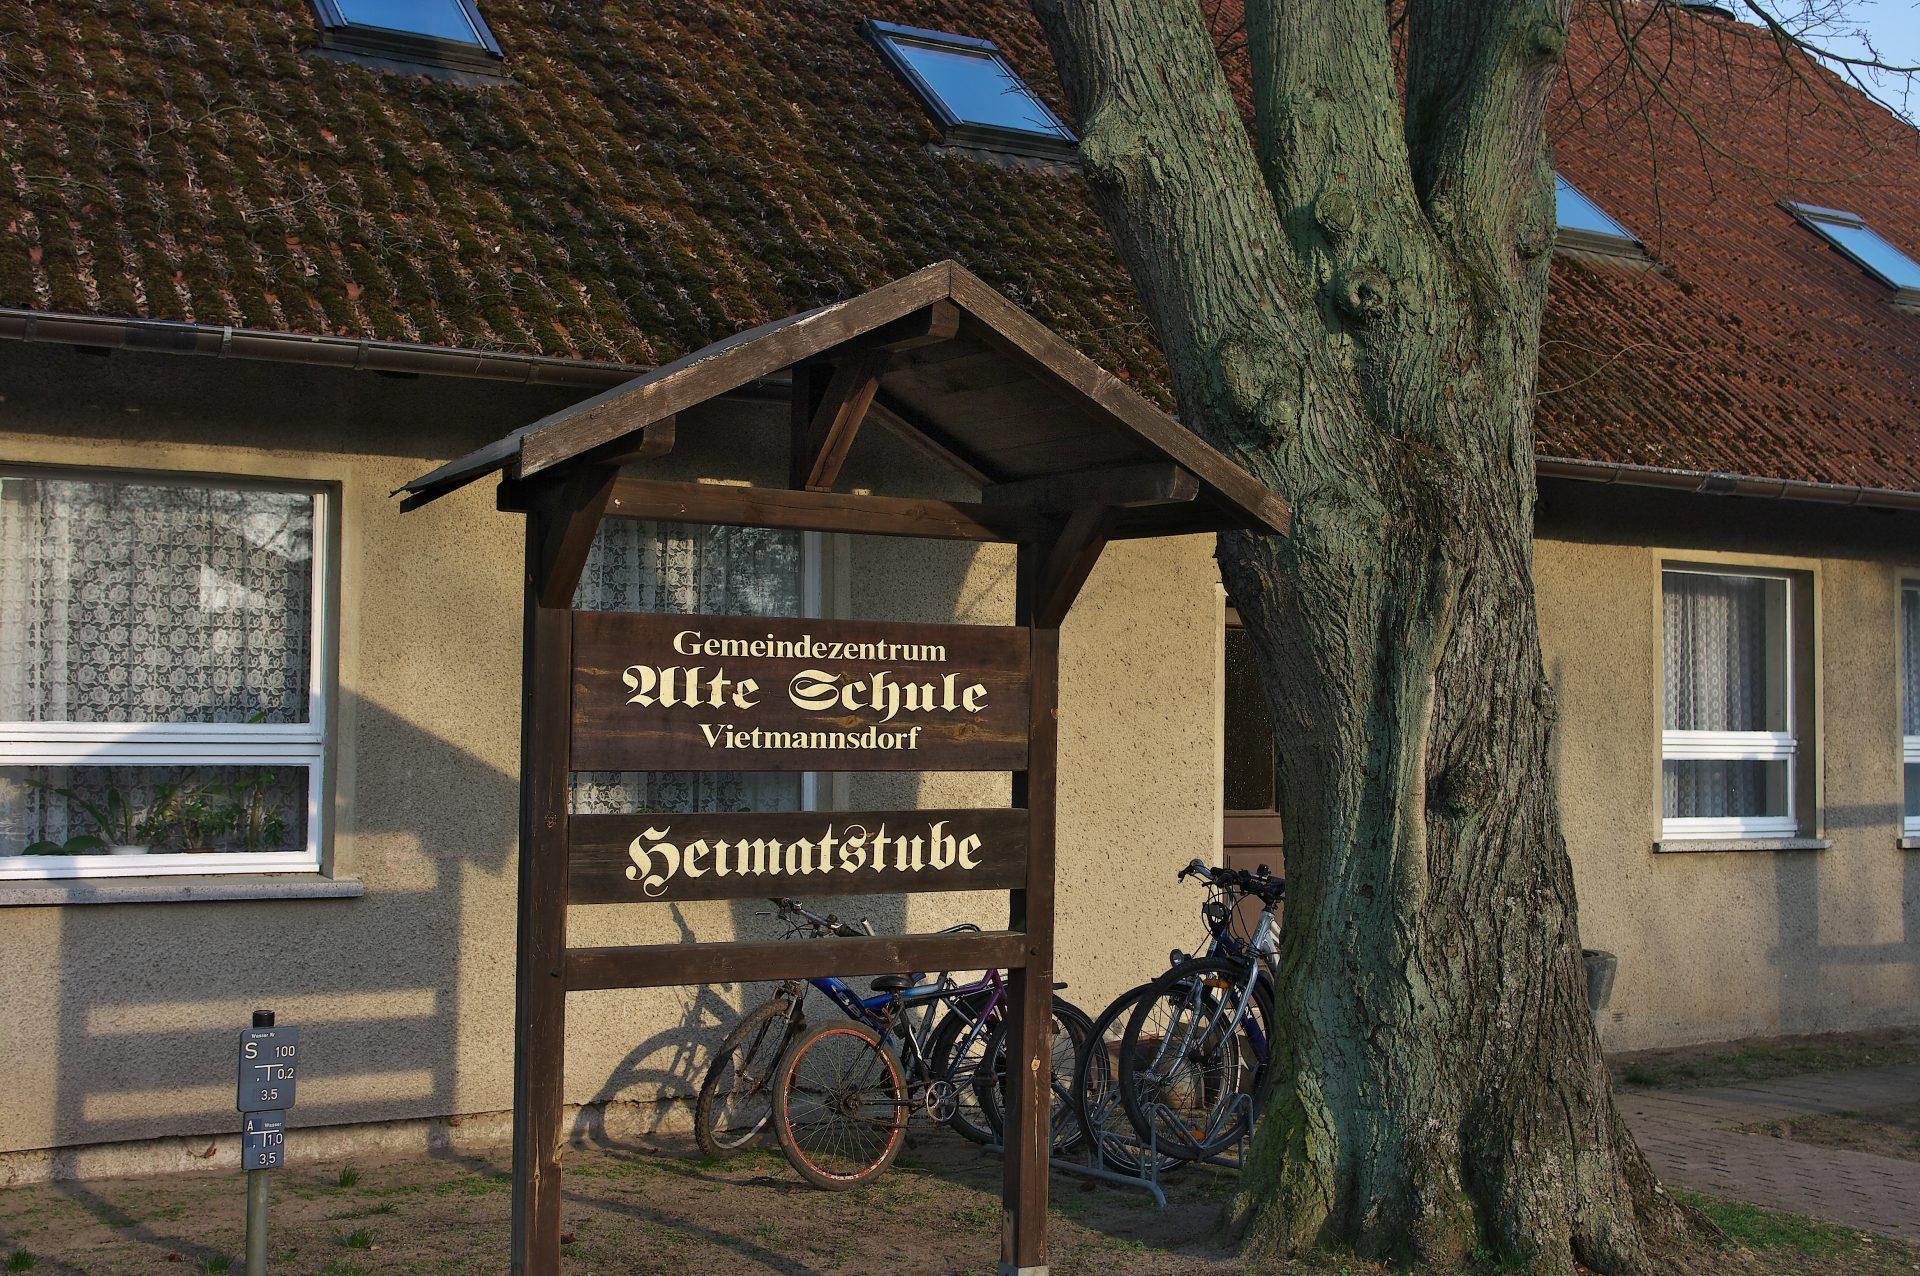 Gemeindezentrum Vietmannsdorf